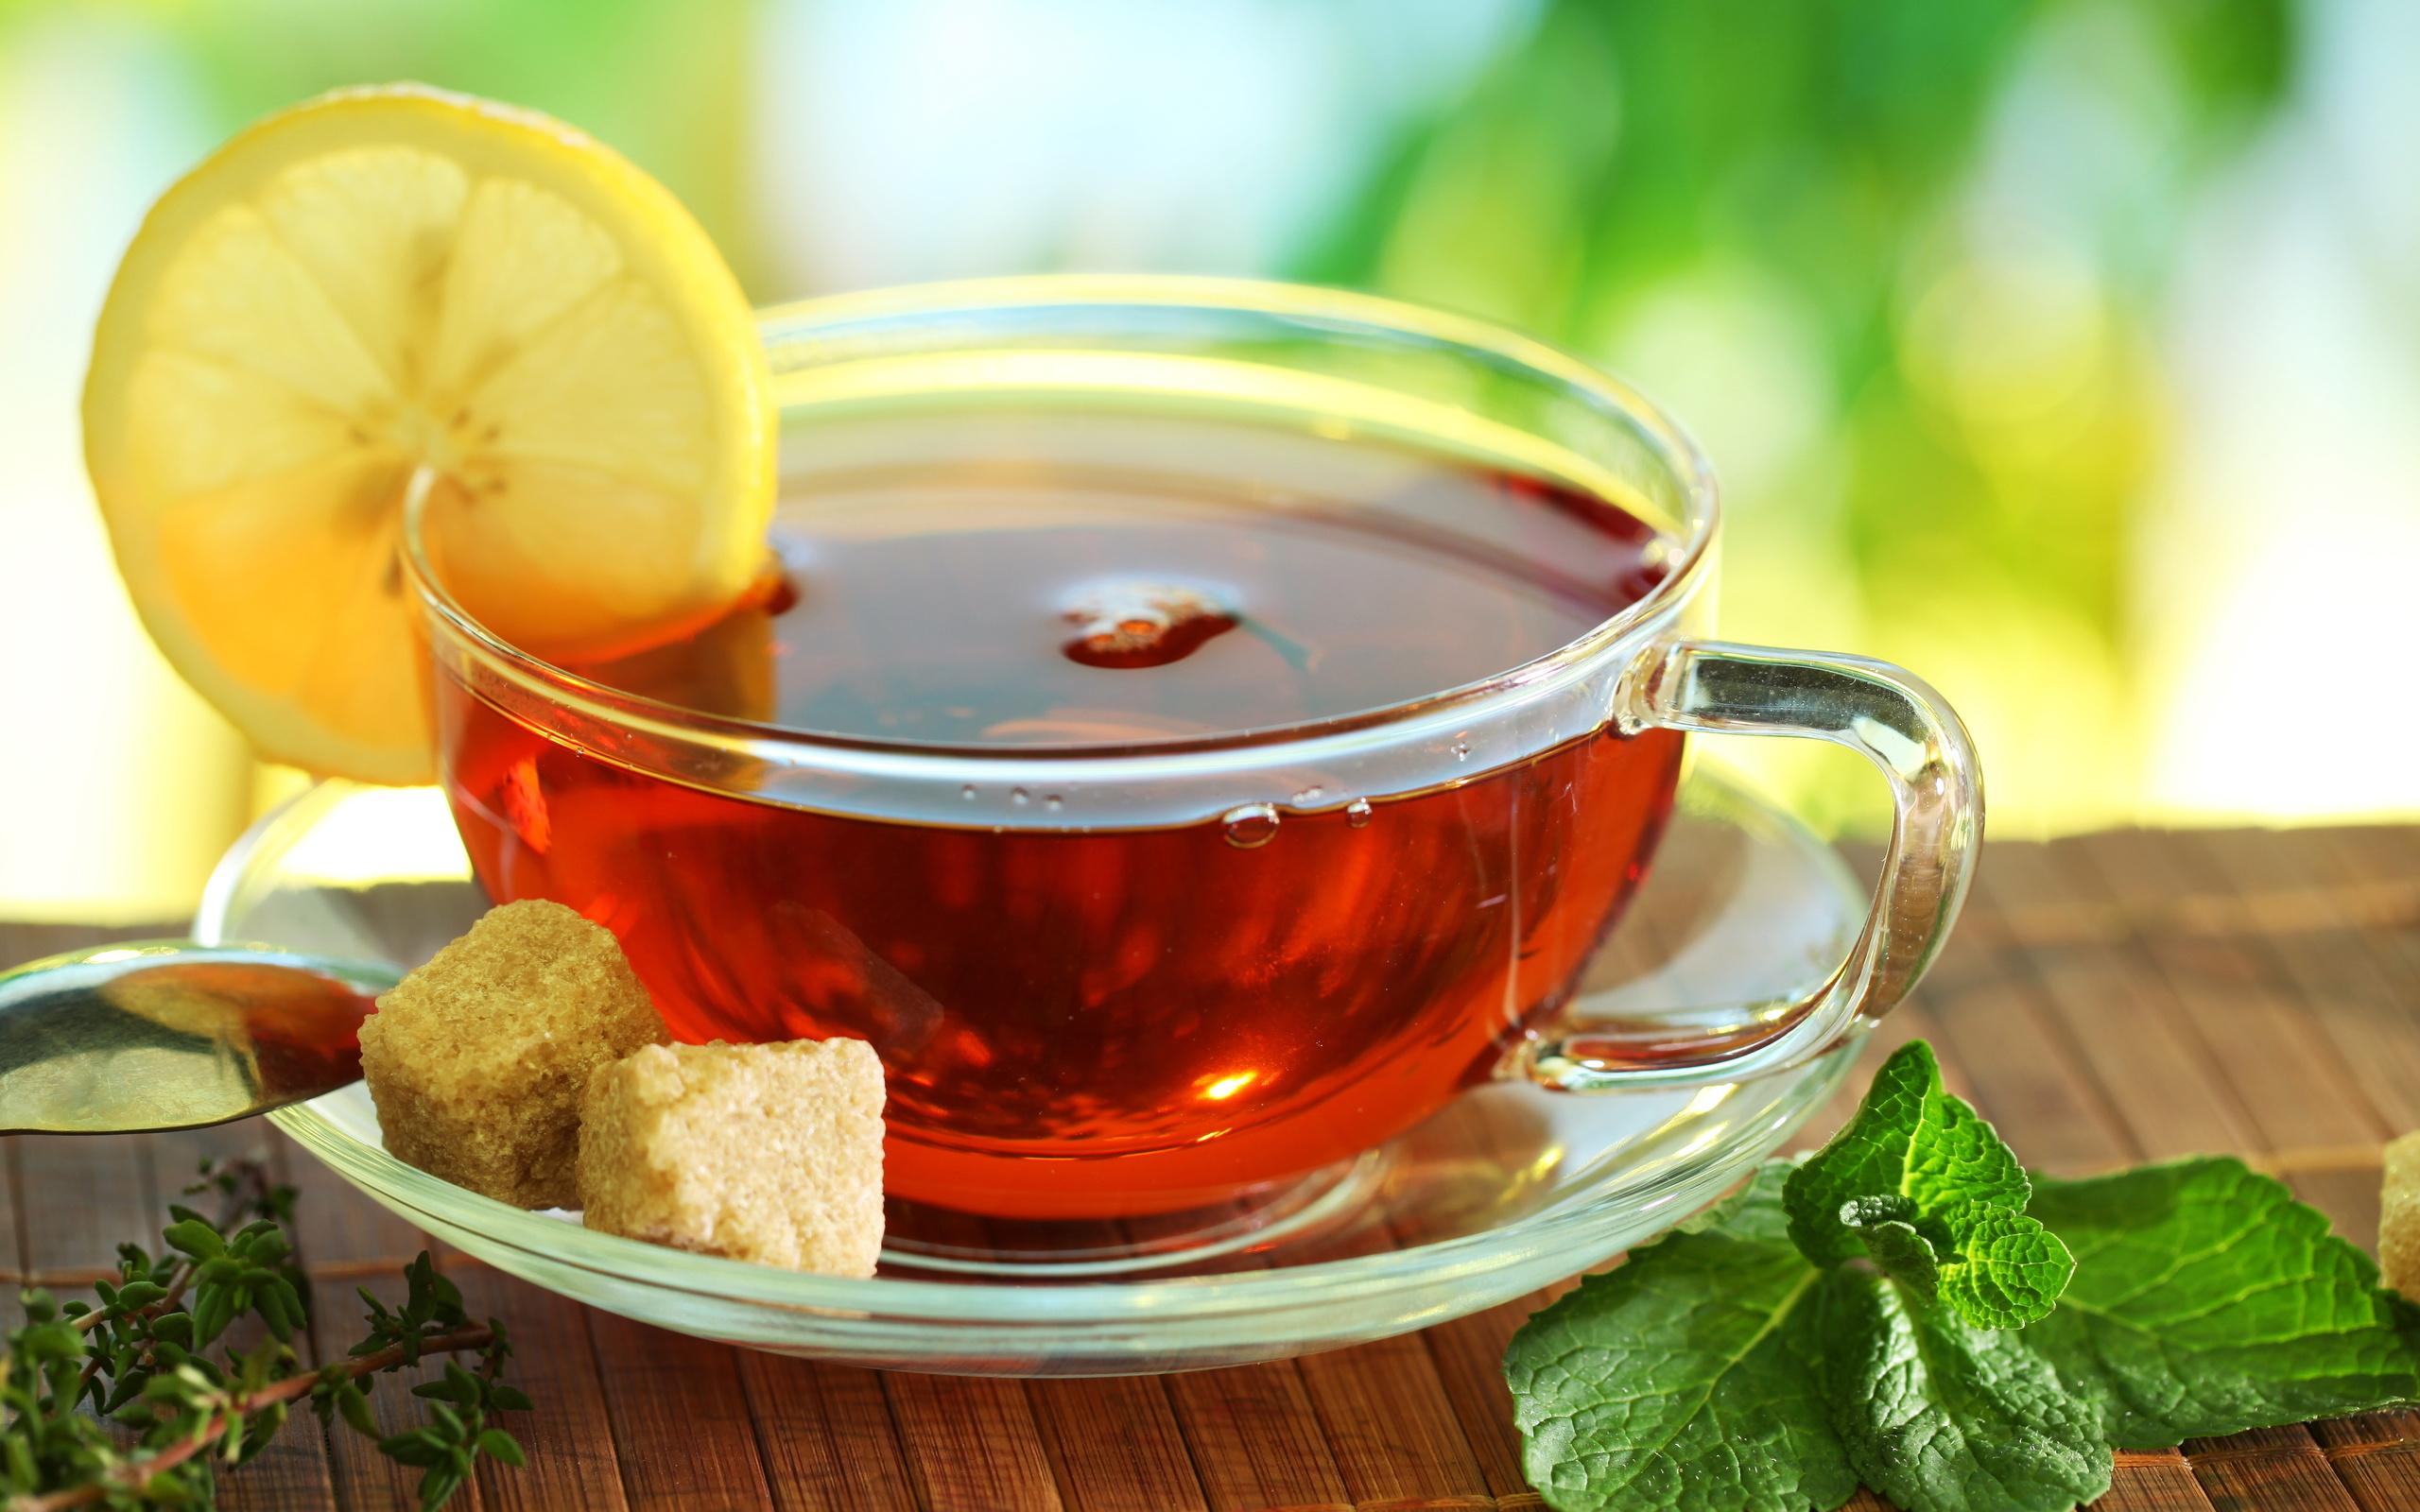 Сбор заказов.Новиночки! отличная упаковка!Все без рядов!Выпей чай и не скучай!А также ягоды годжи,мята,мелисса,душица!Низкие цены и отличный вкус!Огромный выбор чая и кофе от производителя!-13